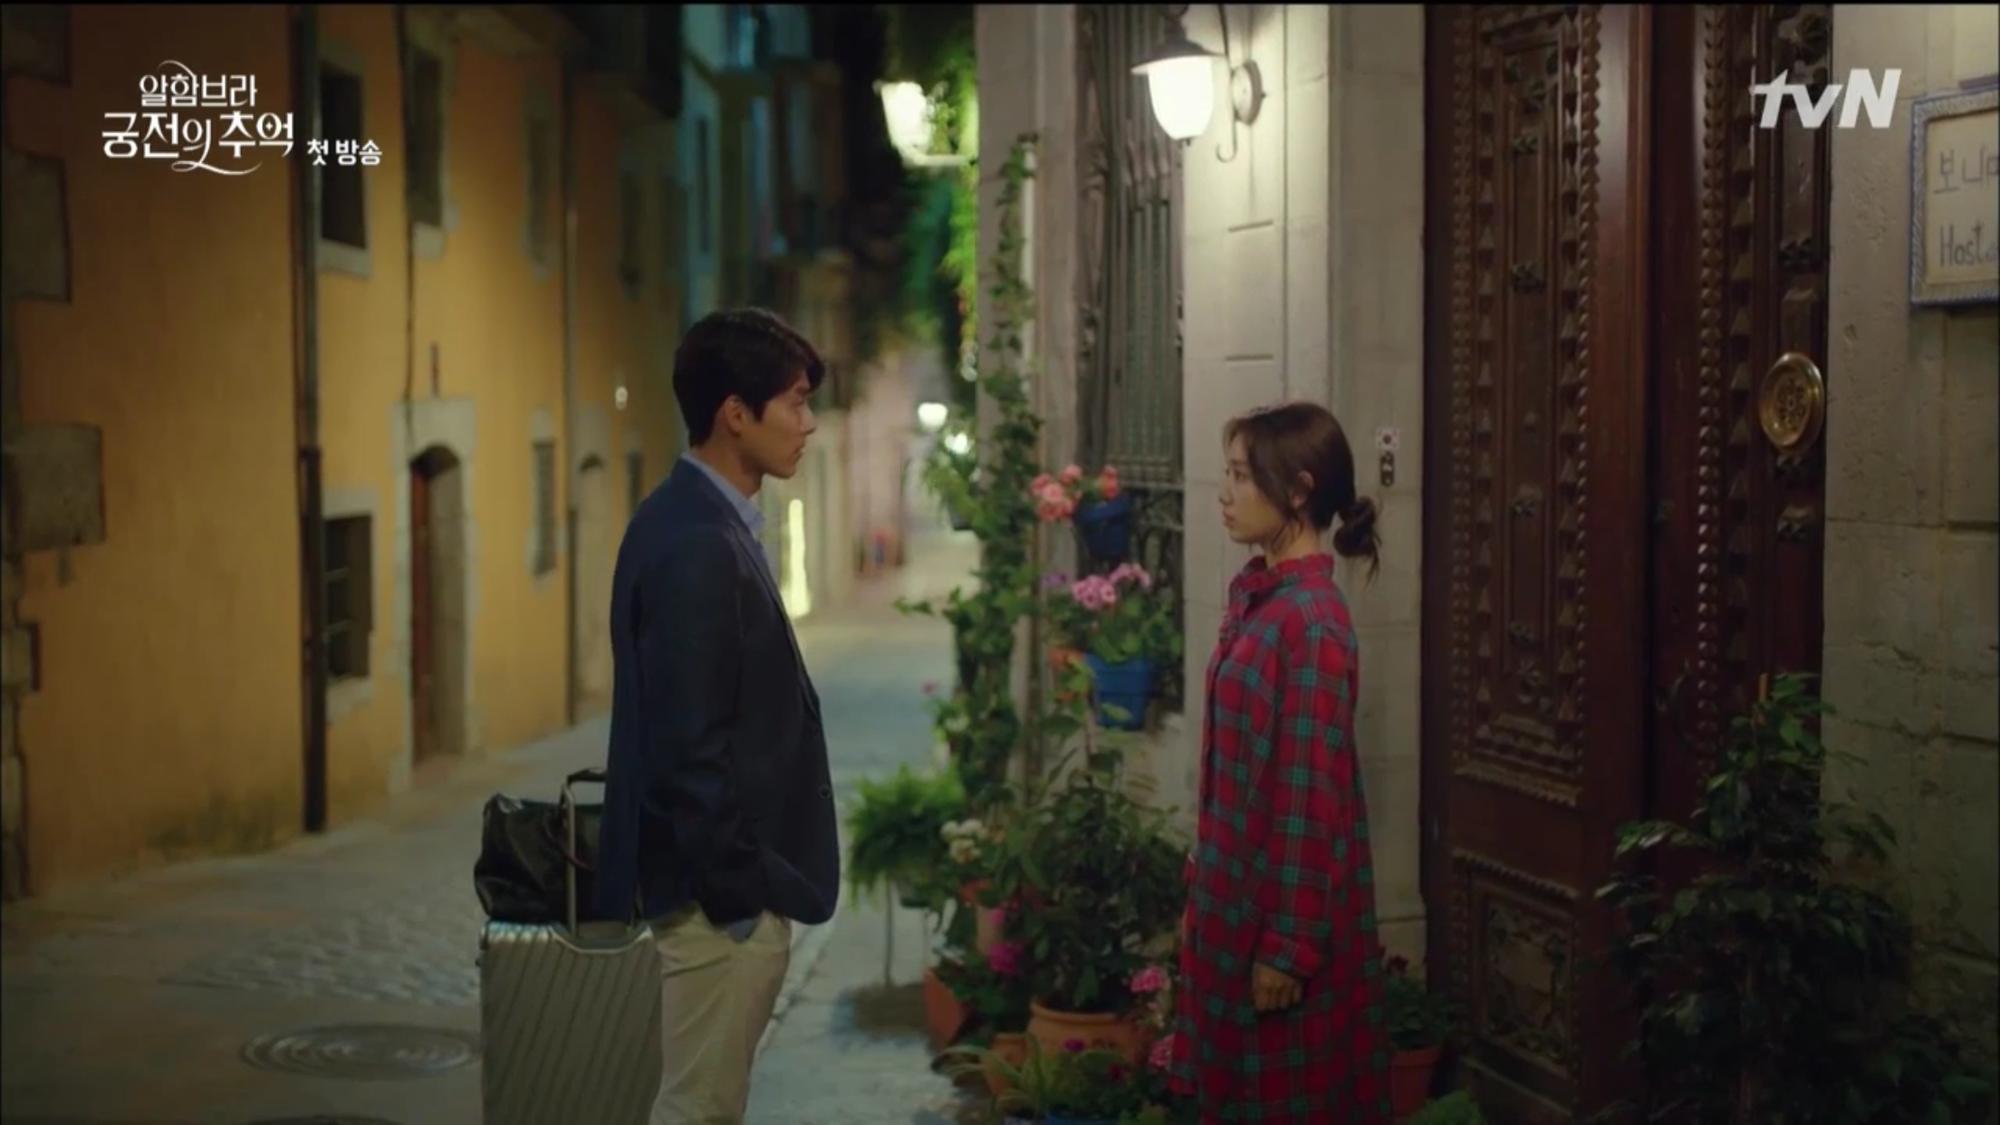 """Mới tập đầu """"Memories of the Alhambra"""", Hyun Bin đã bị Park Shin Hye """"hành"""" cho lên bờ xuống ruộng - Ảnh 1."""